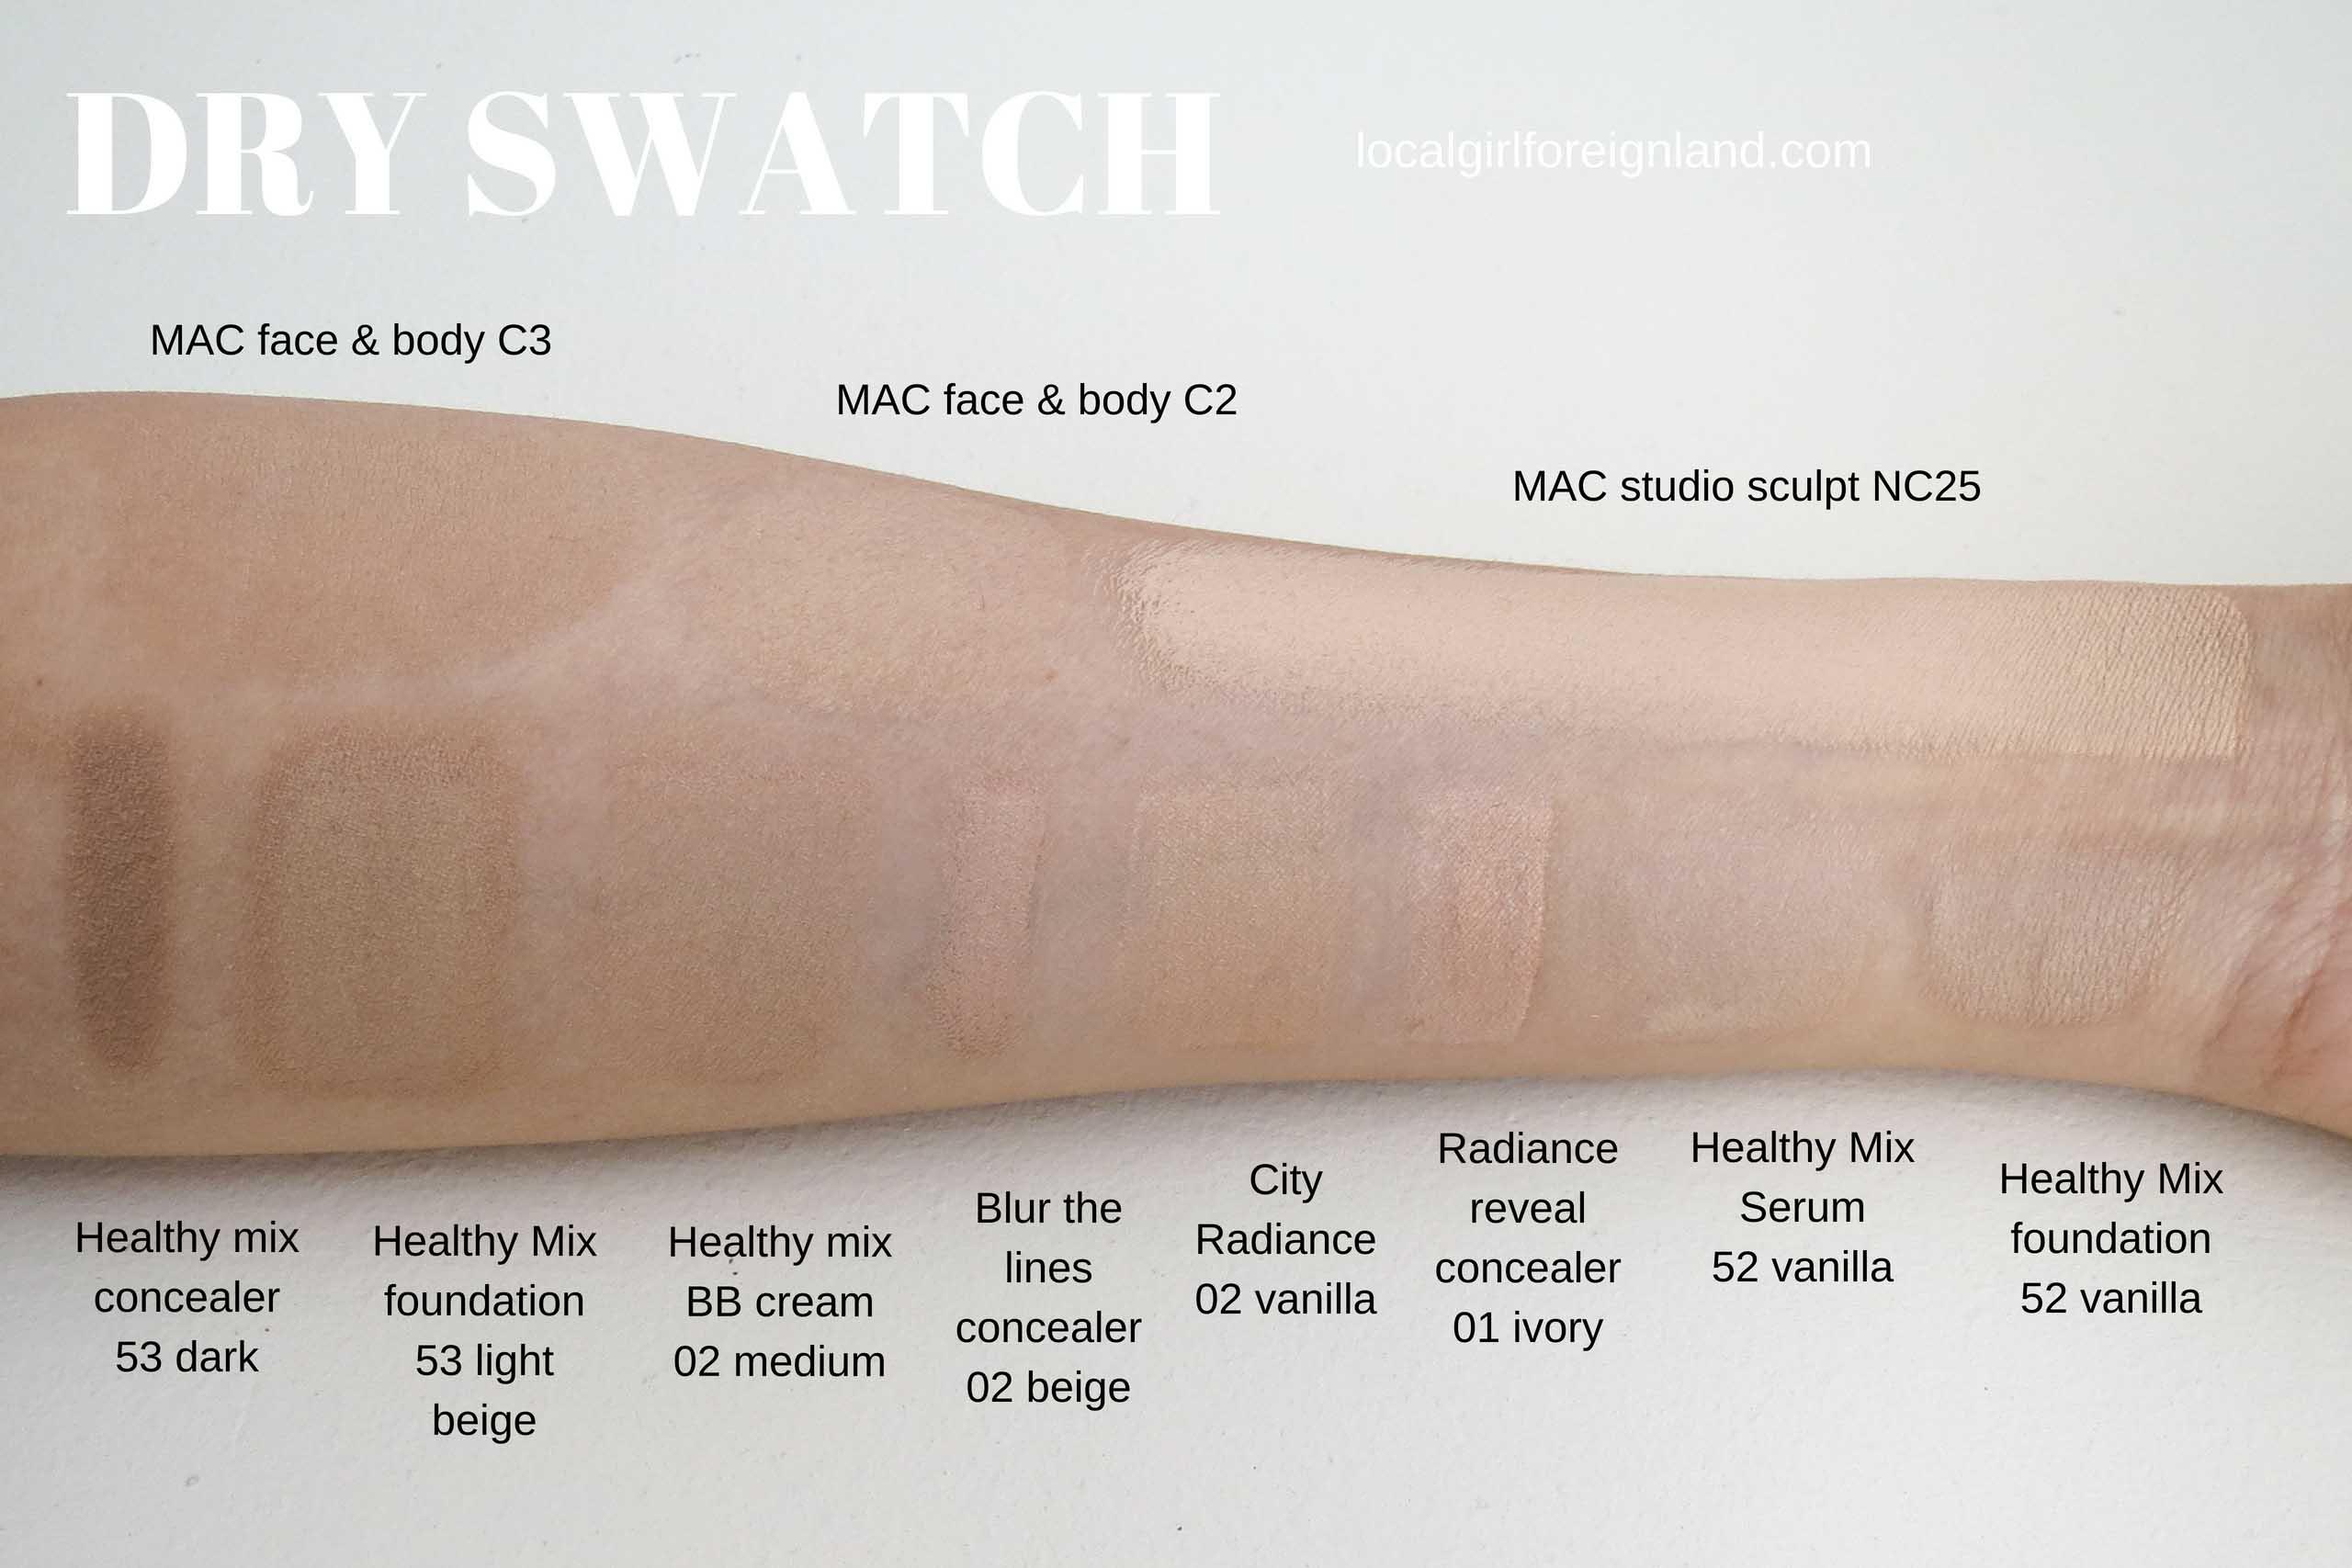 Bourjois dry swatch next to MAC